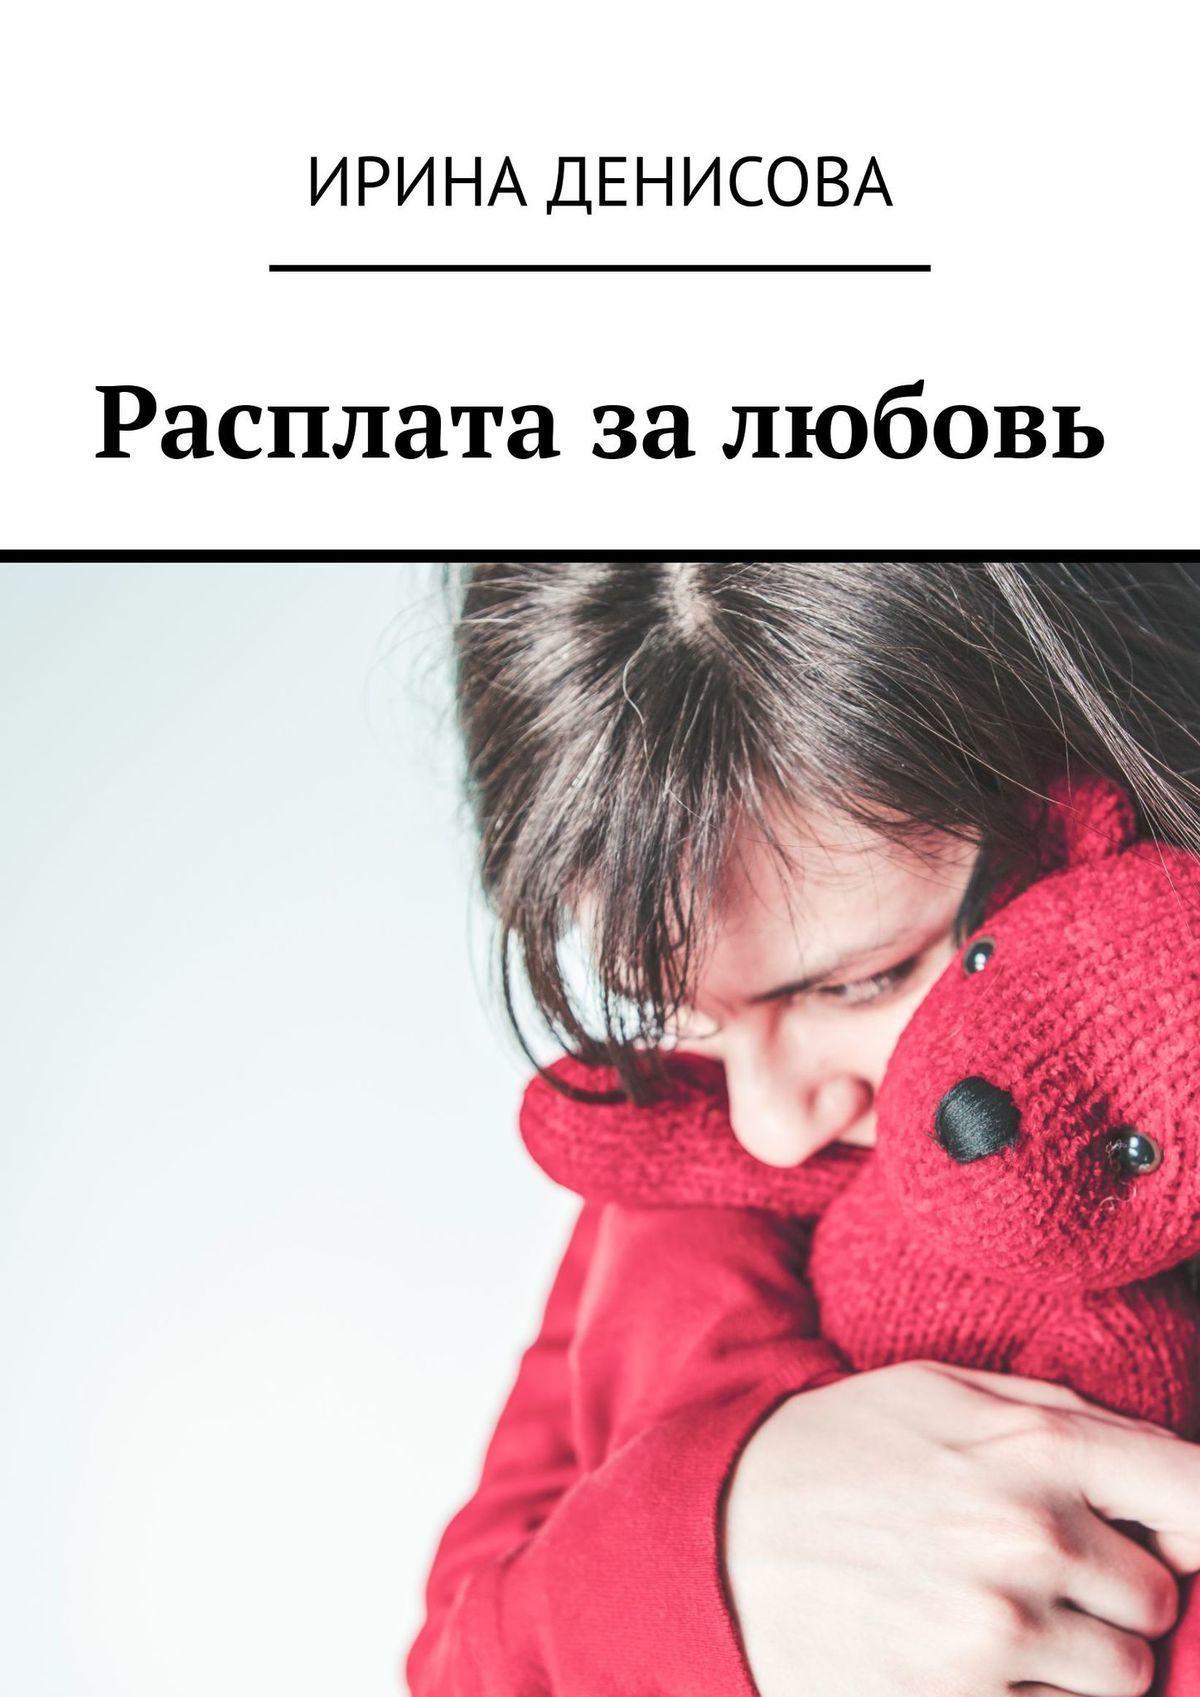 Ирина Денисова - Расплата залюбовь